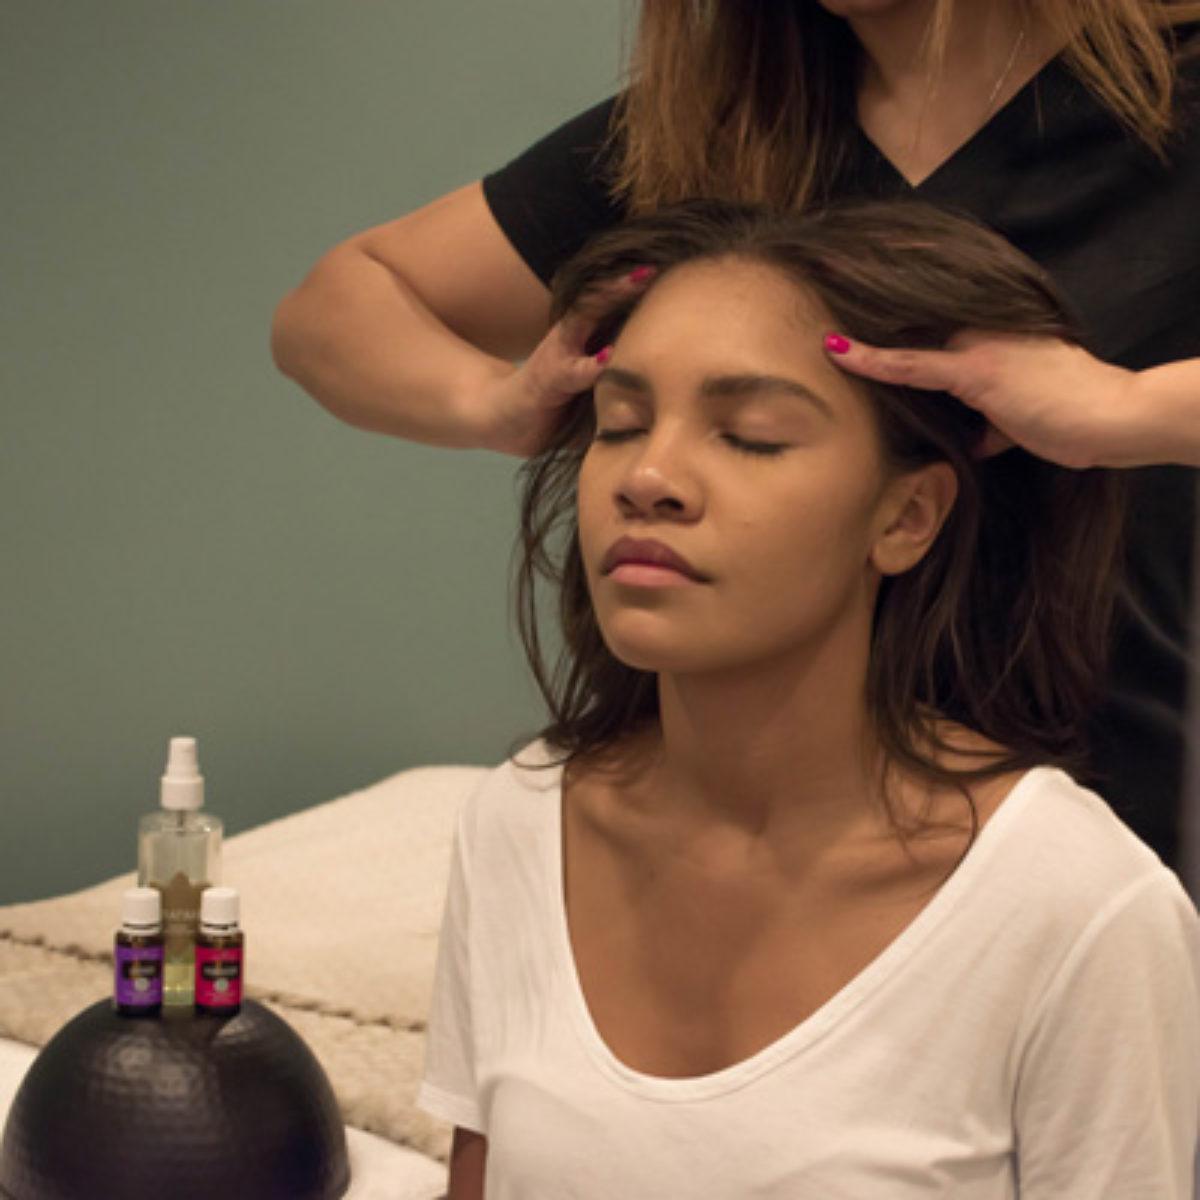 champissage-massage uplift spa woman